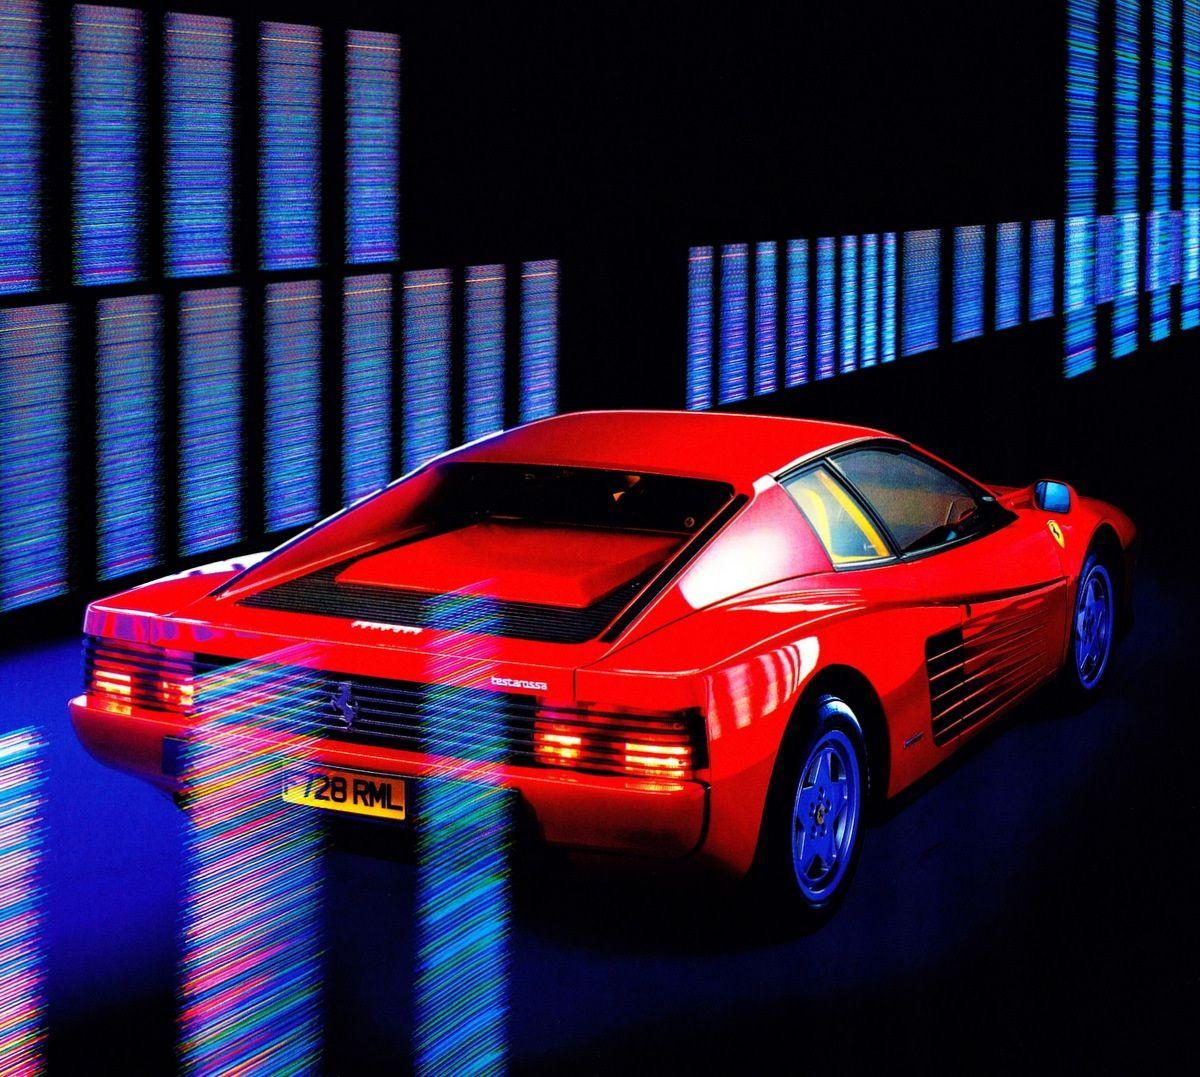 Cool Sports Cars, Ferrari Testarossa